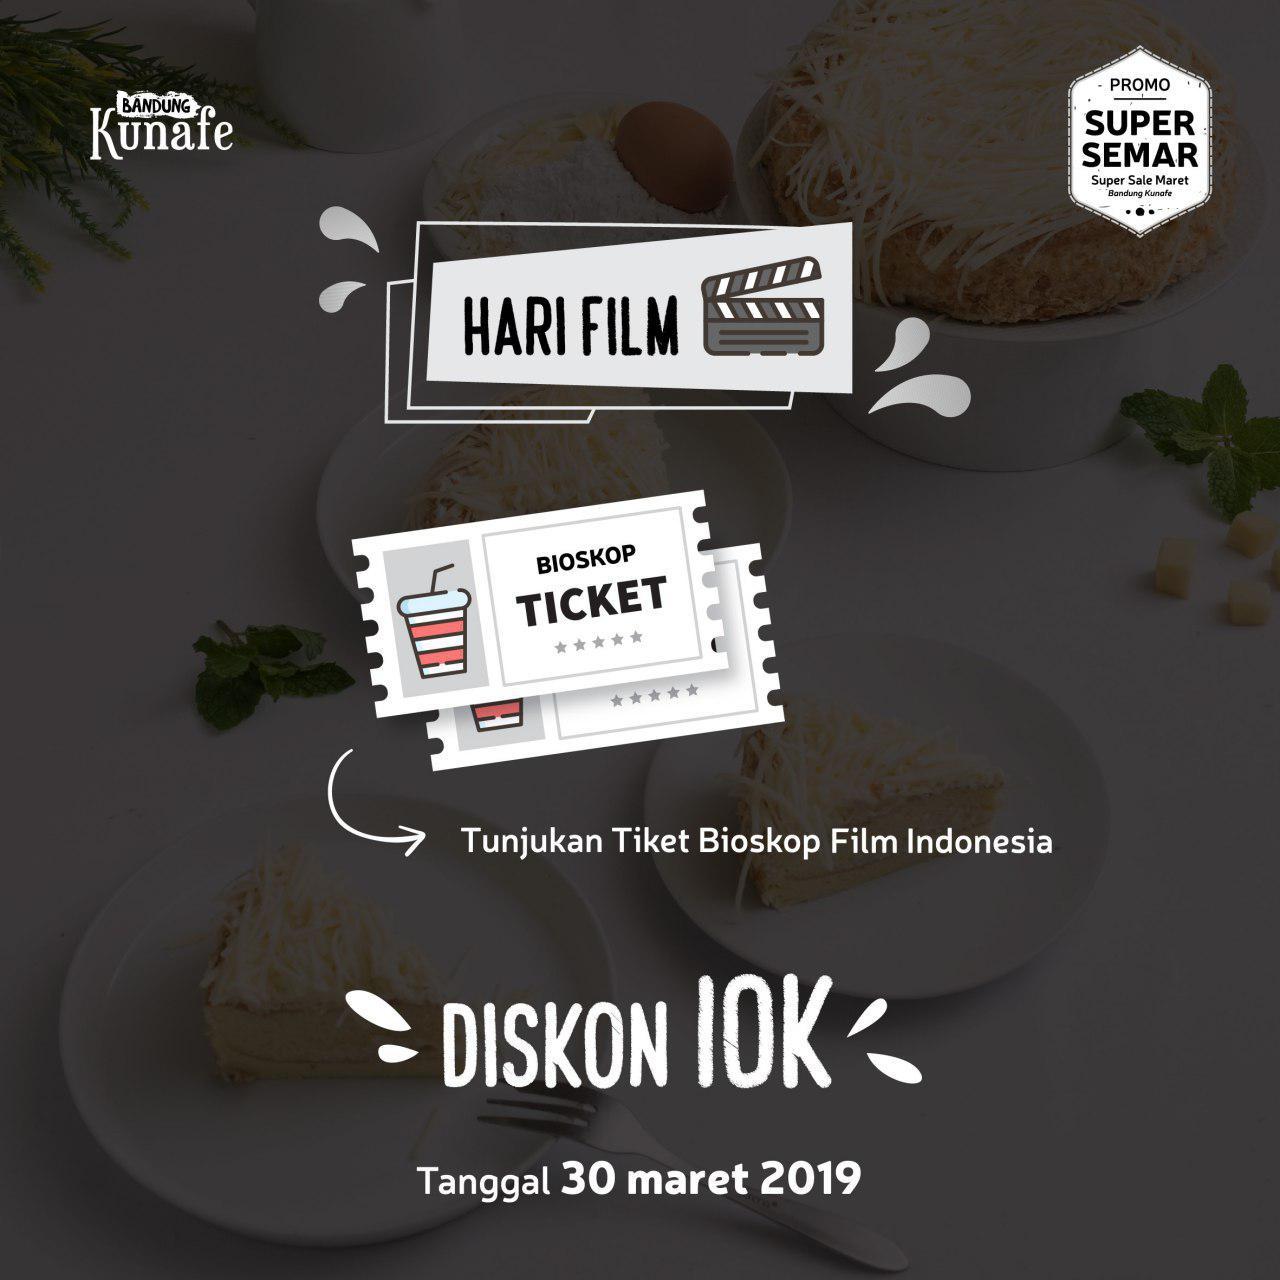 Promo Hari Film Nasional Bandung Kunafe